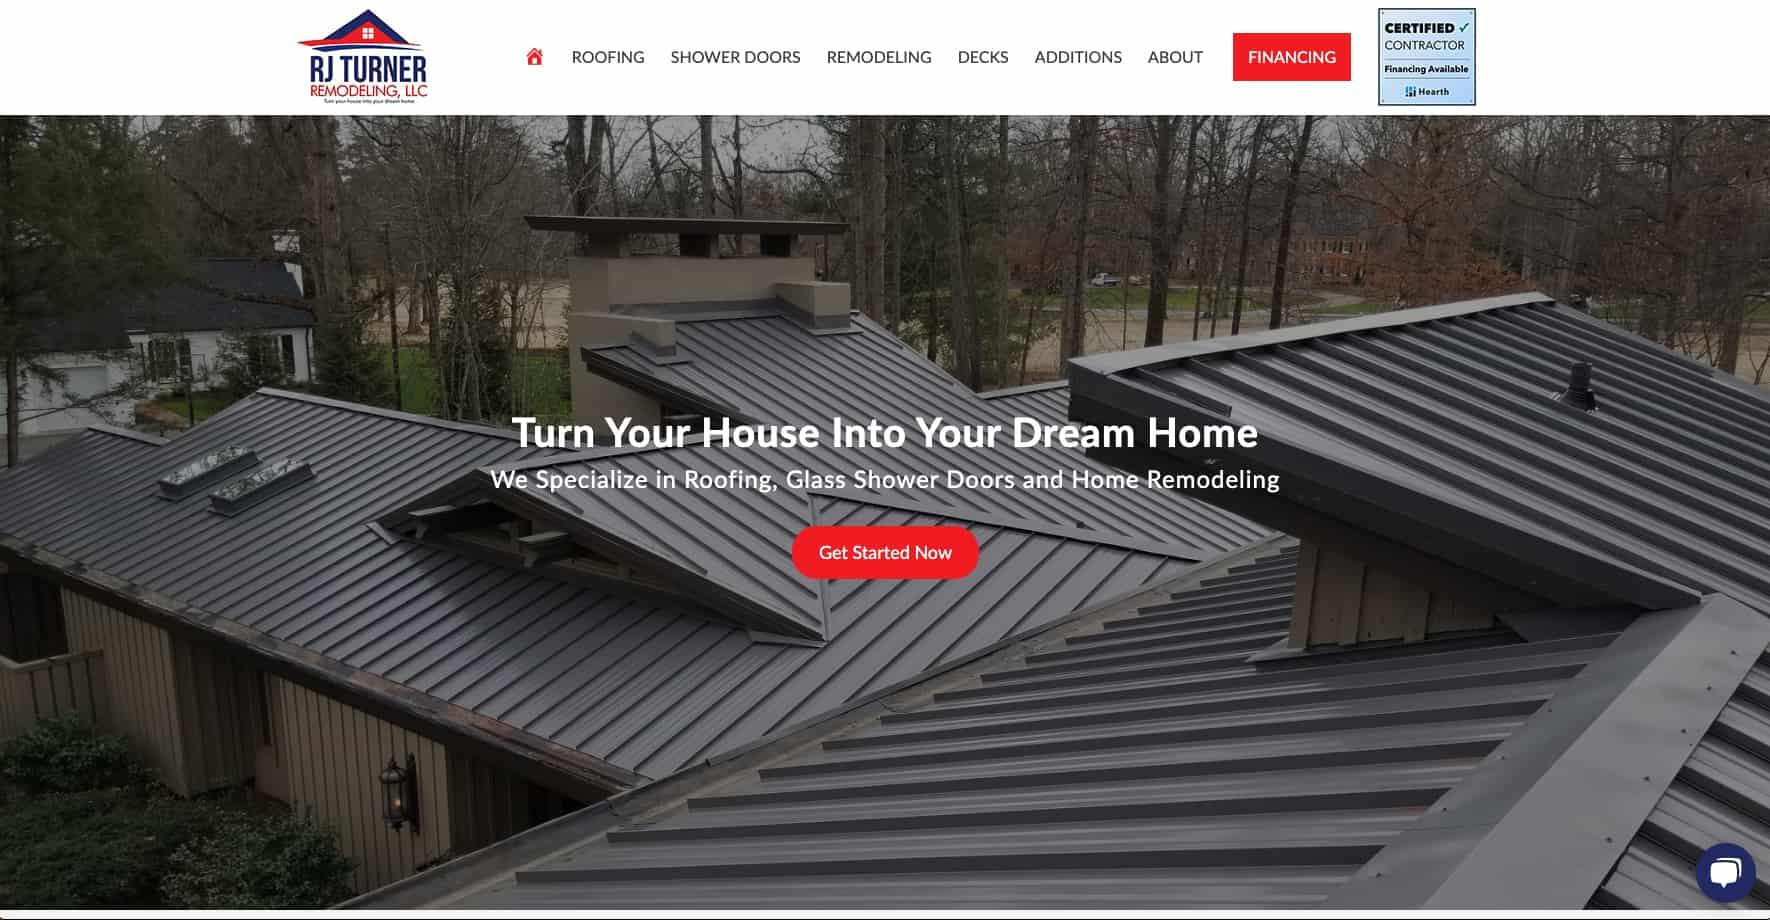 Home Remodeling Service Website